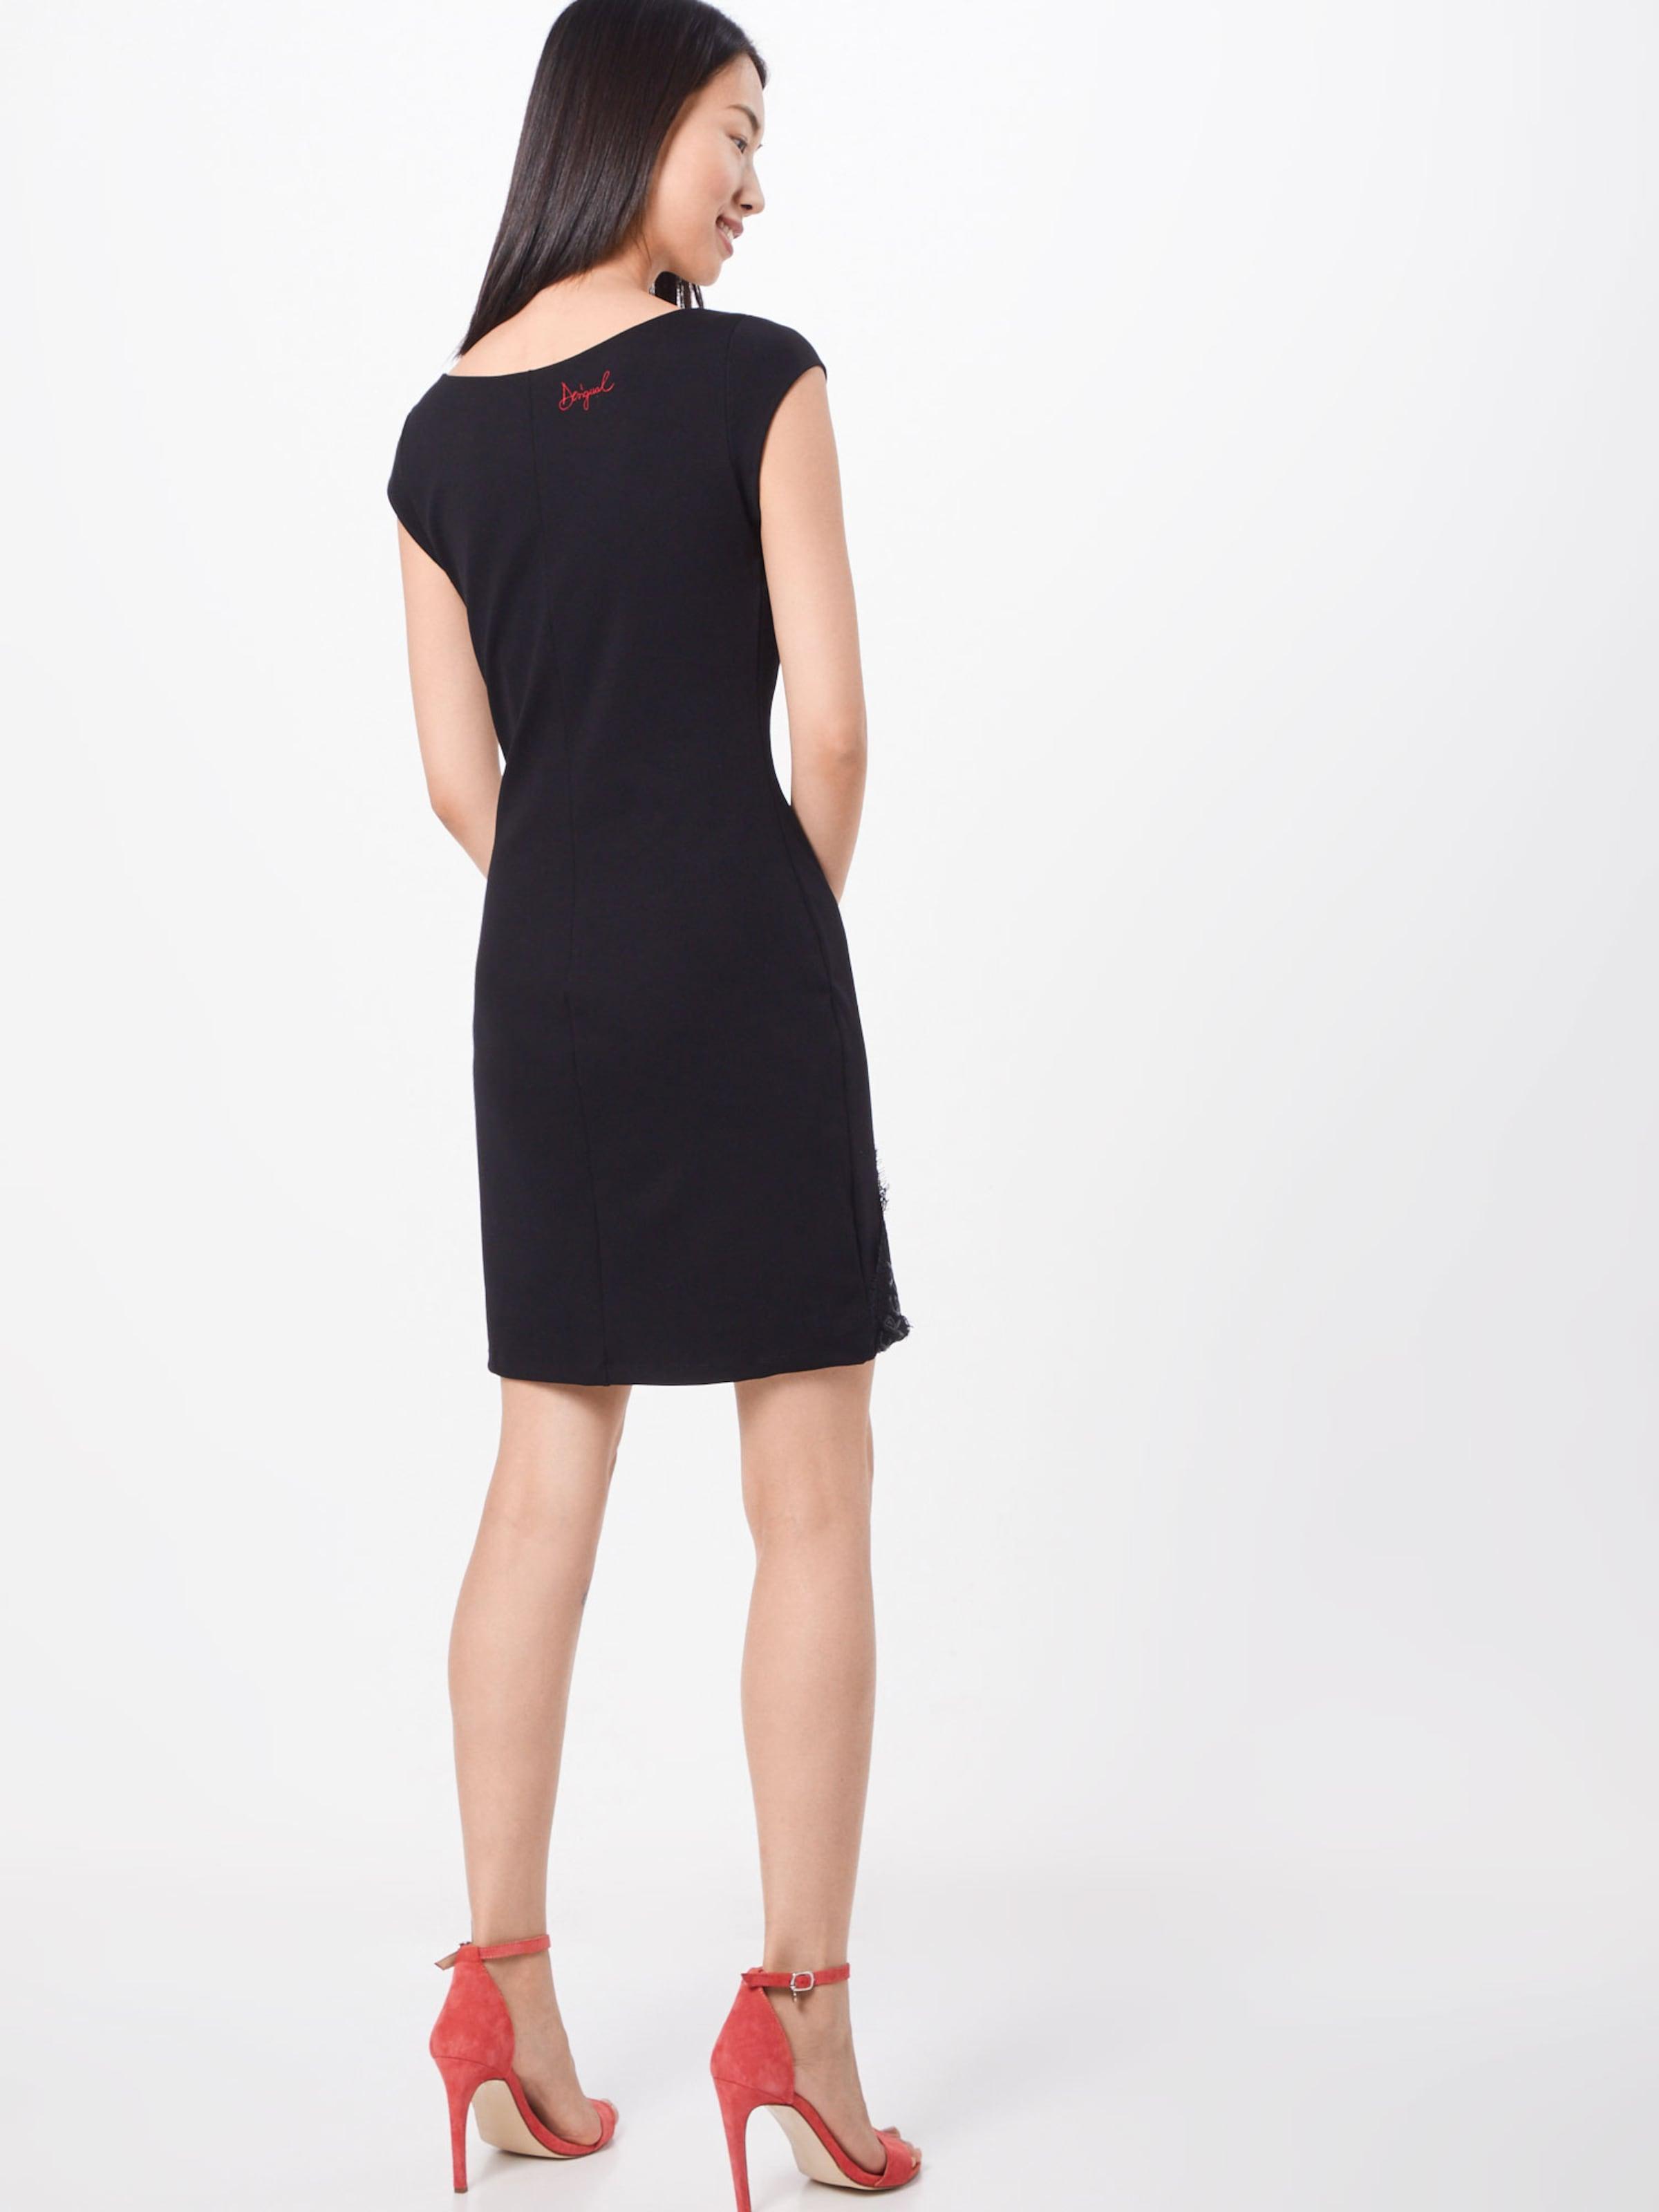 'vest Desigual briana' Kleid In MischfarbenSchwarz qMVpzSUG